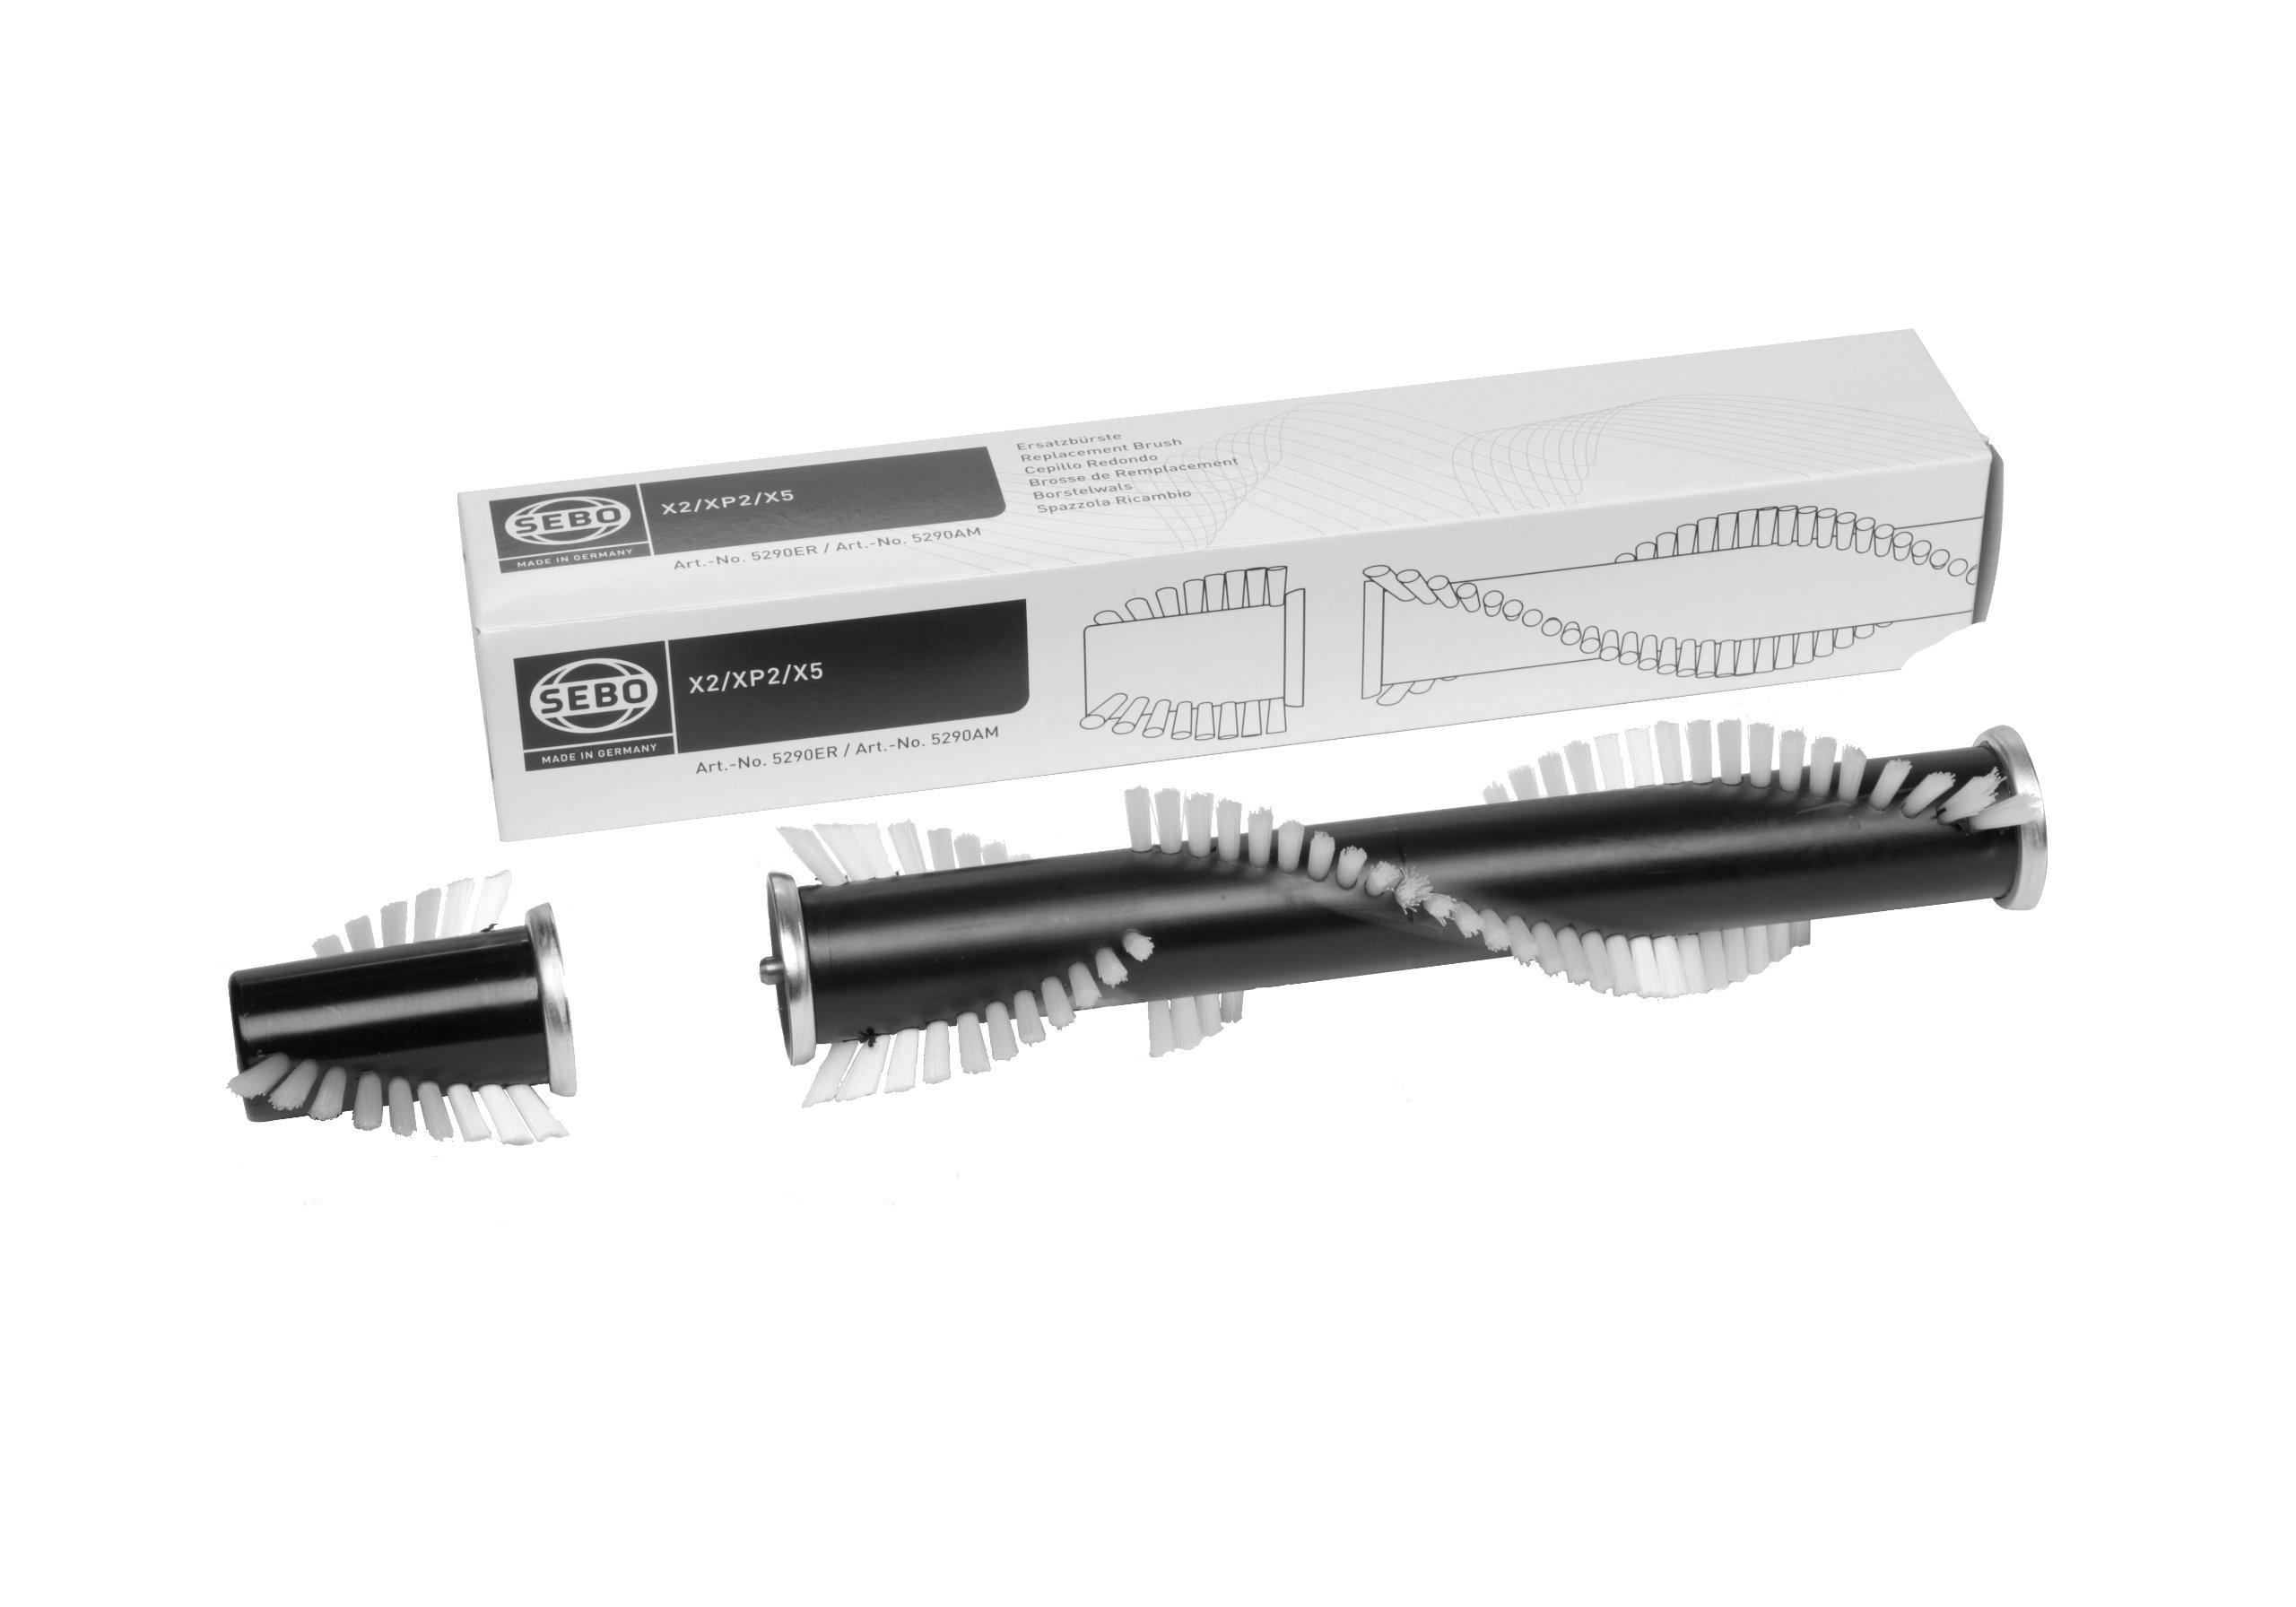 SEBO Vacuum Cleaner Brush Roll